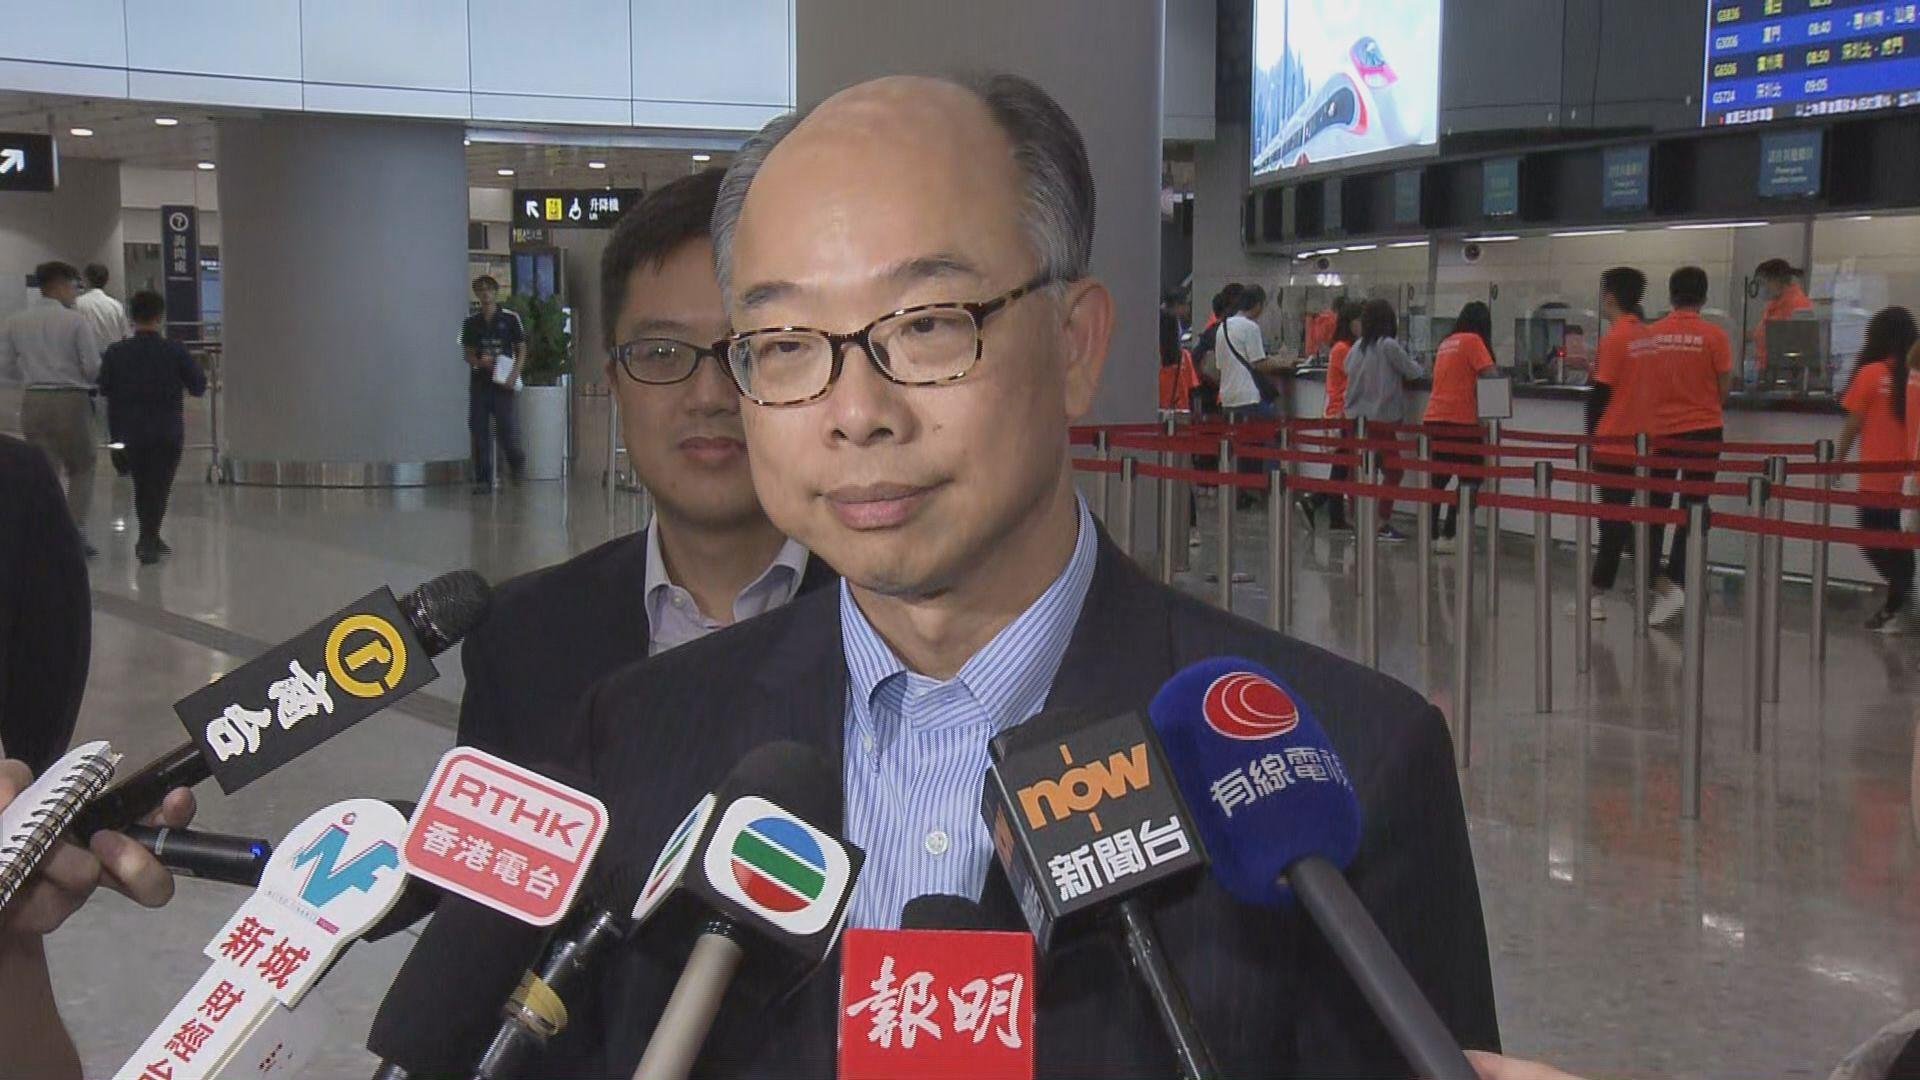 陳帆:西九站香港範圍WiFi資料不會轉給他人